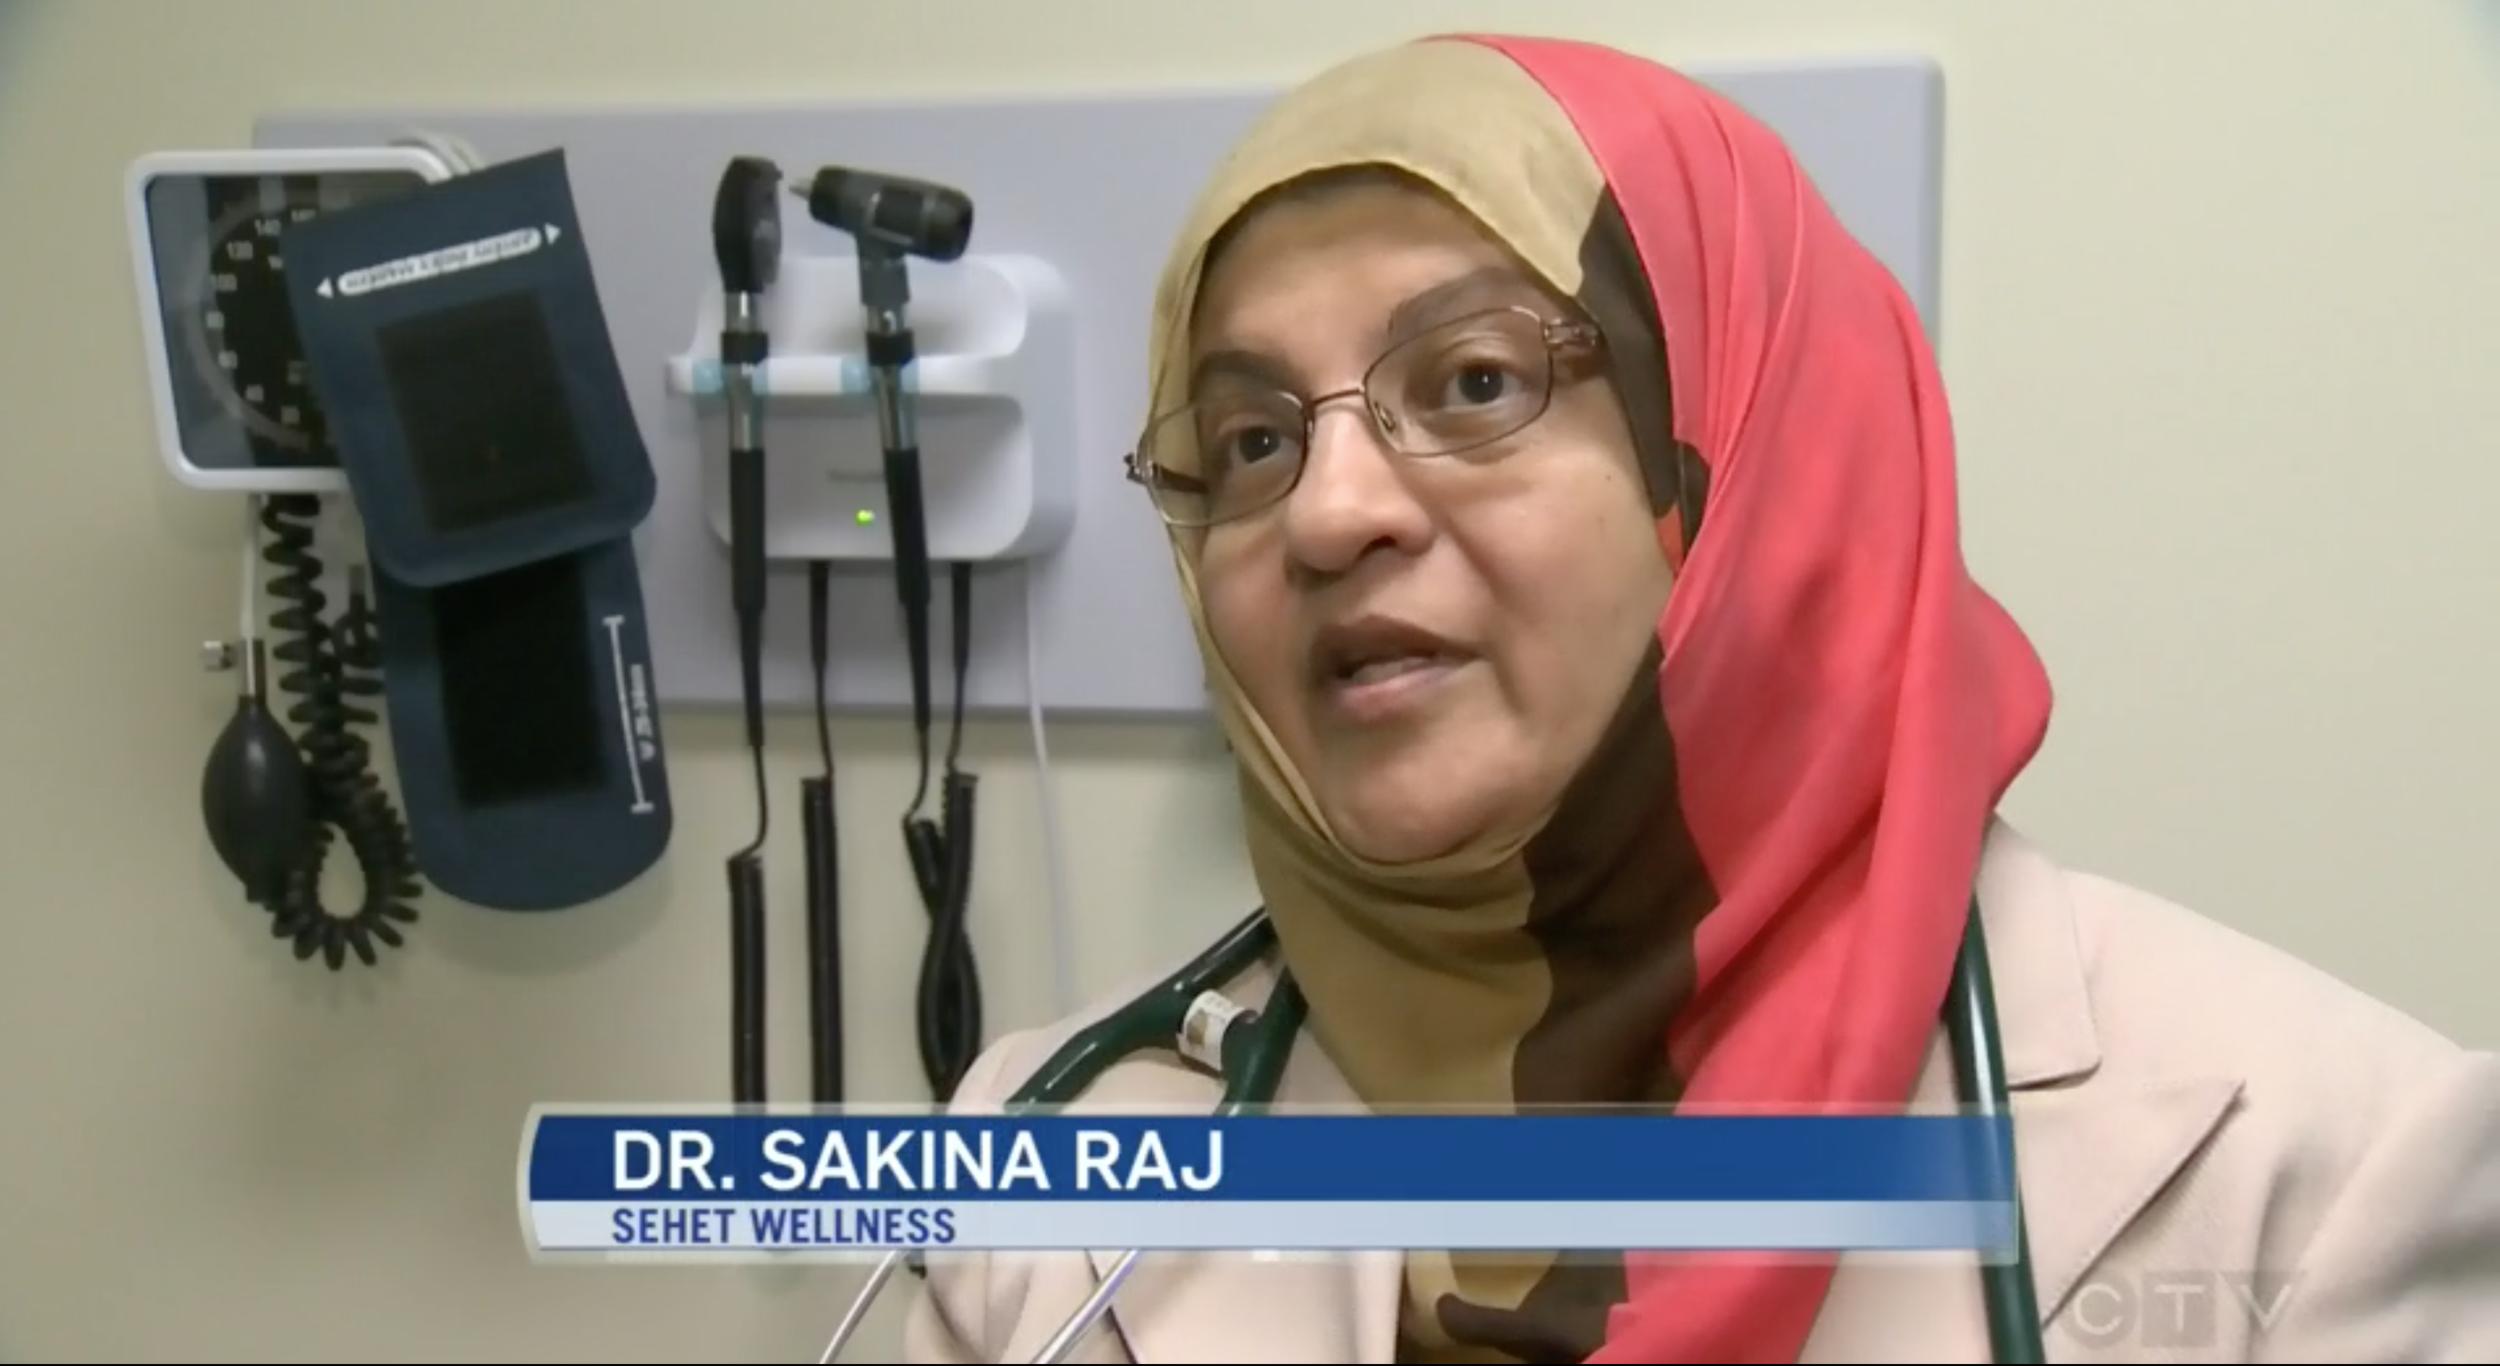 Dr.Sakina_Raj_CTV